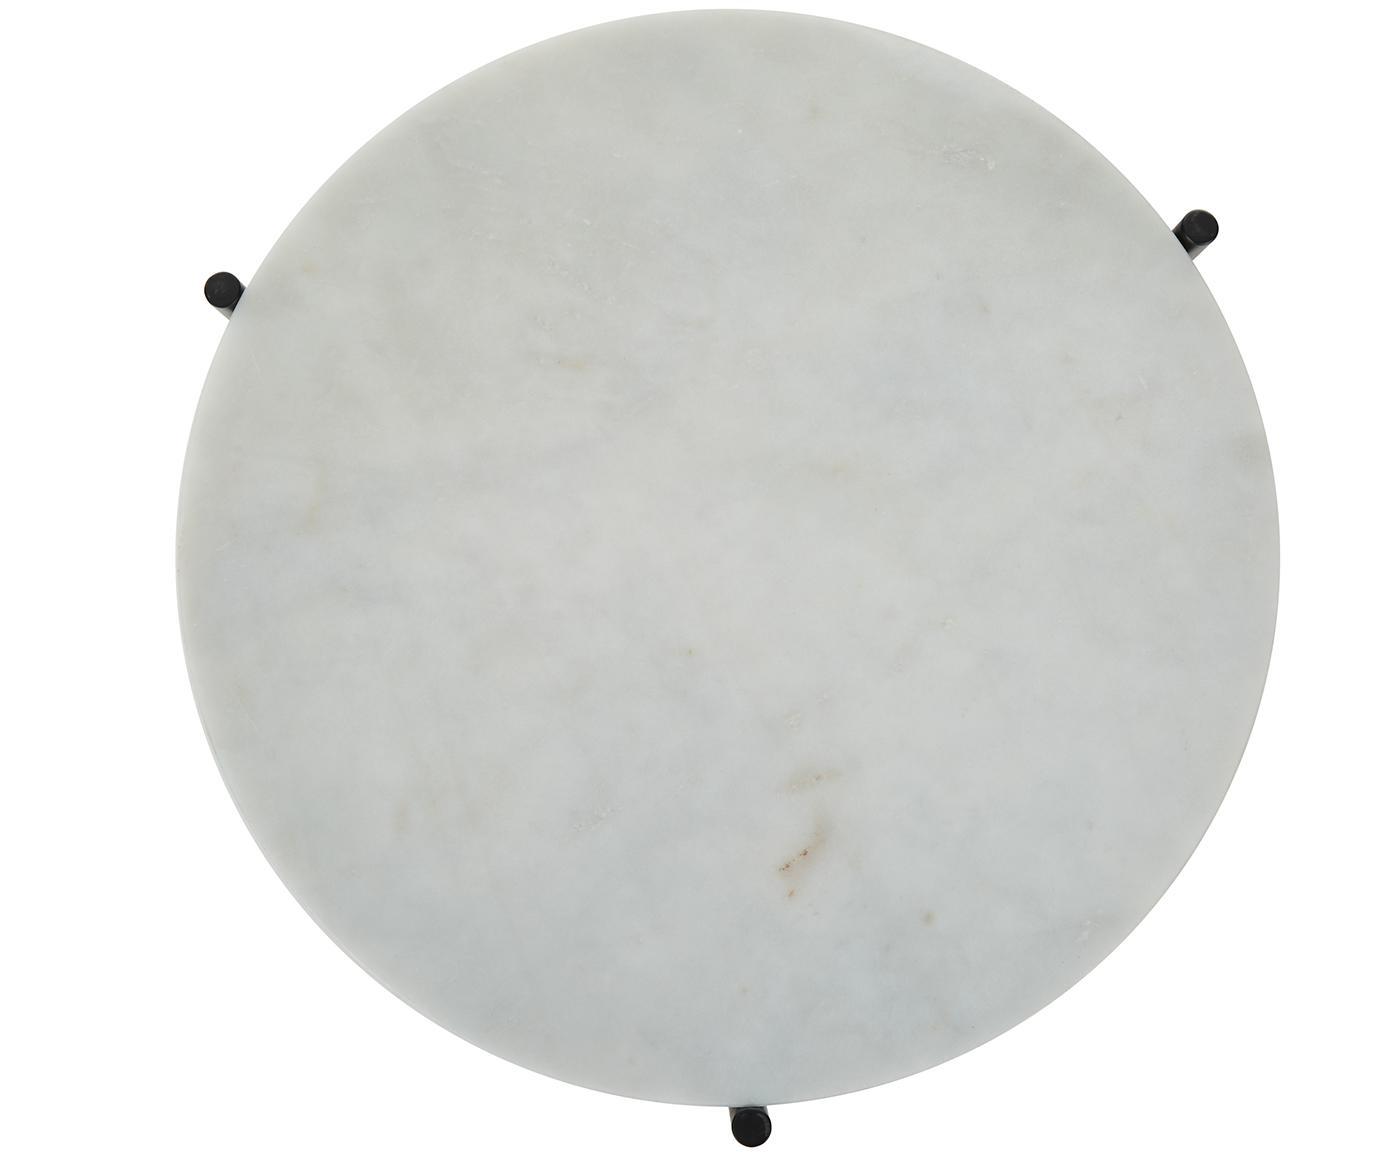 Komplet stolików pomocniczych z marmuru Ella, Stelaż: marmur naturalny, Stelaż: metal malowany proszkowo, Blaty: jaśniejszy marmur Stelaże: czarny, matowy, Różne rozmiary